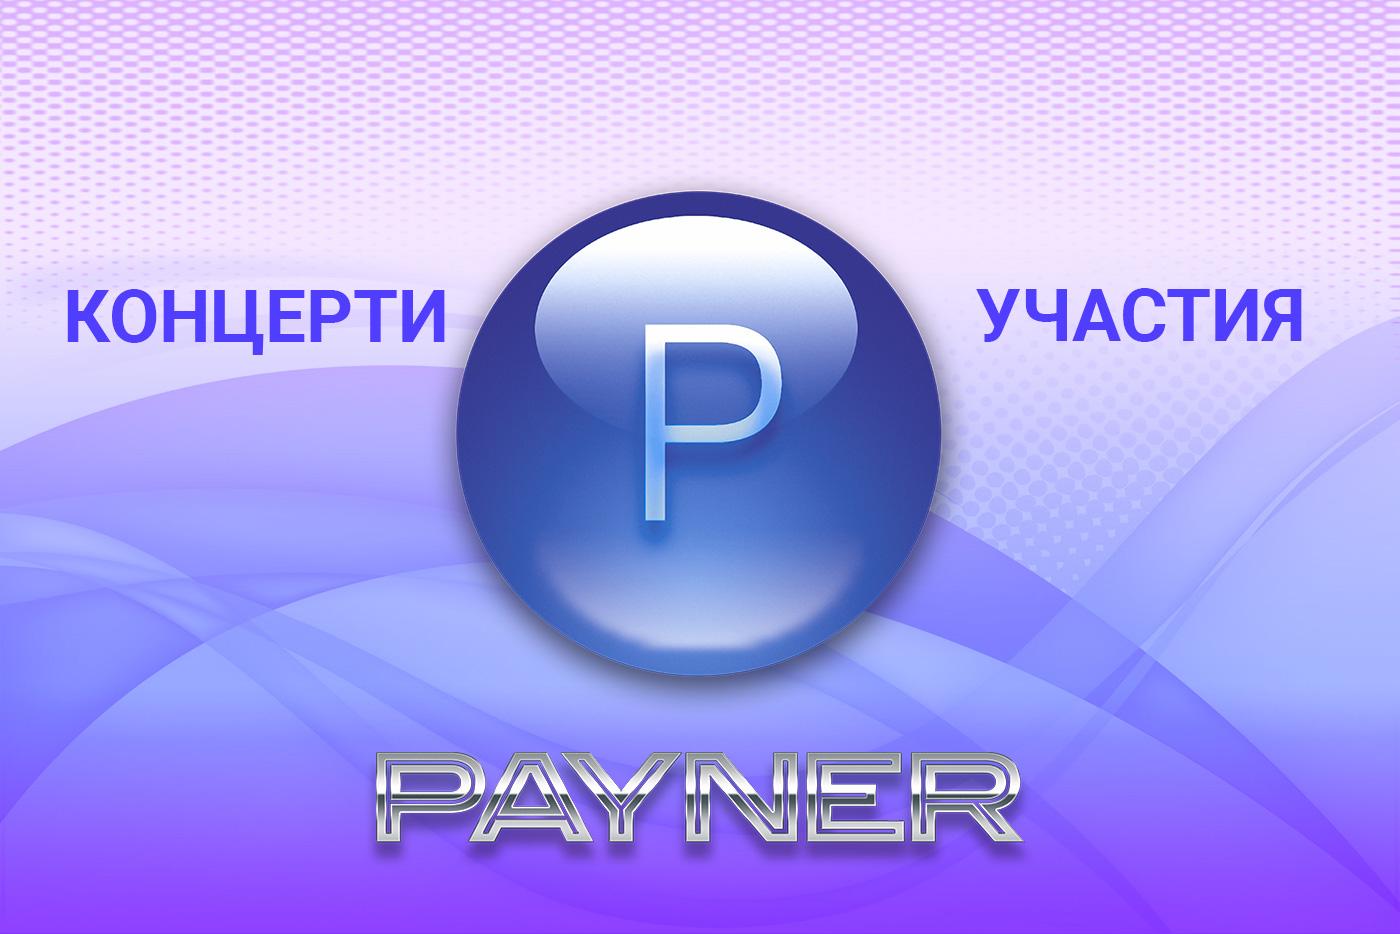 """Участия на звездите на """"Пайнер"""" на 21.08.2019"""